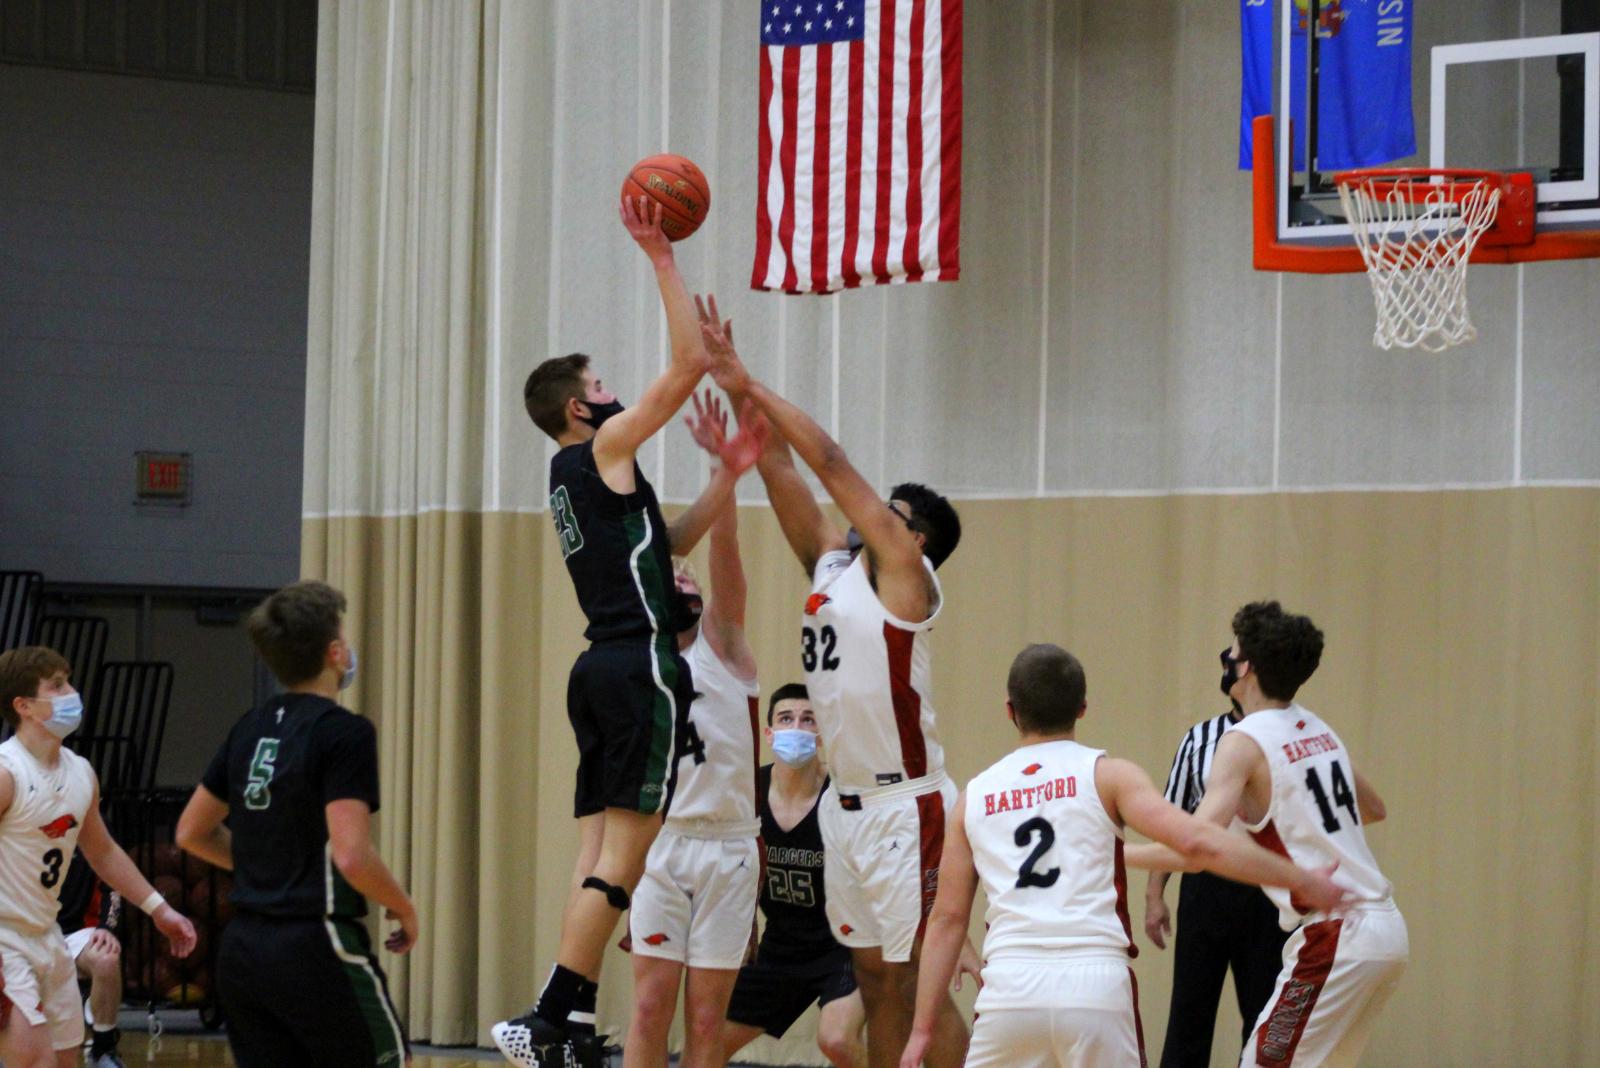 Varsity Boys Basketball (1-9-21) – courtesy of Leffel